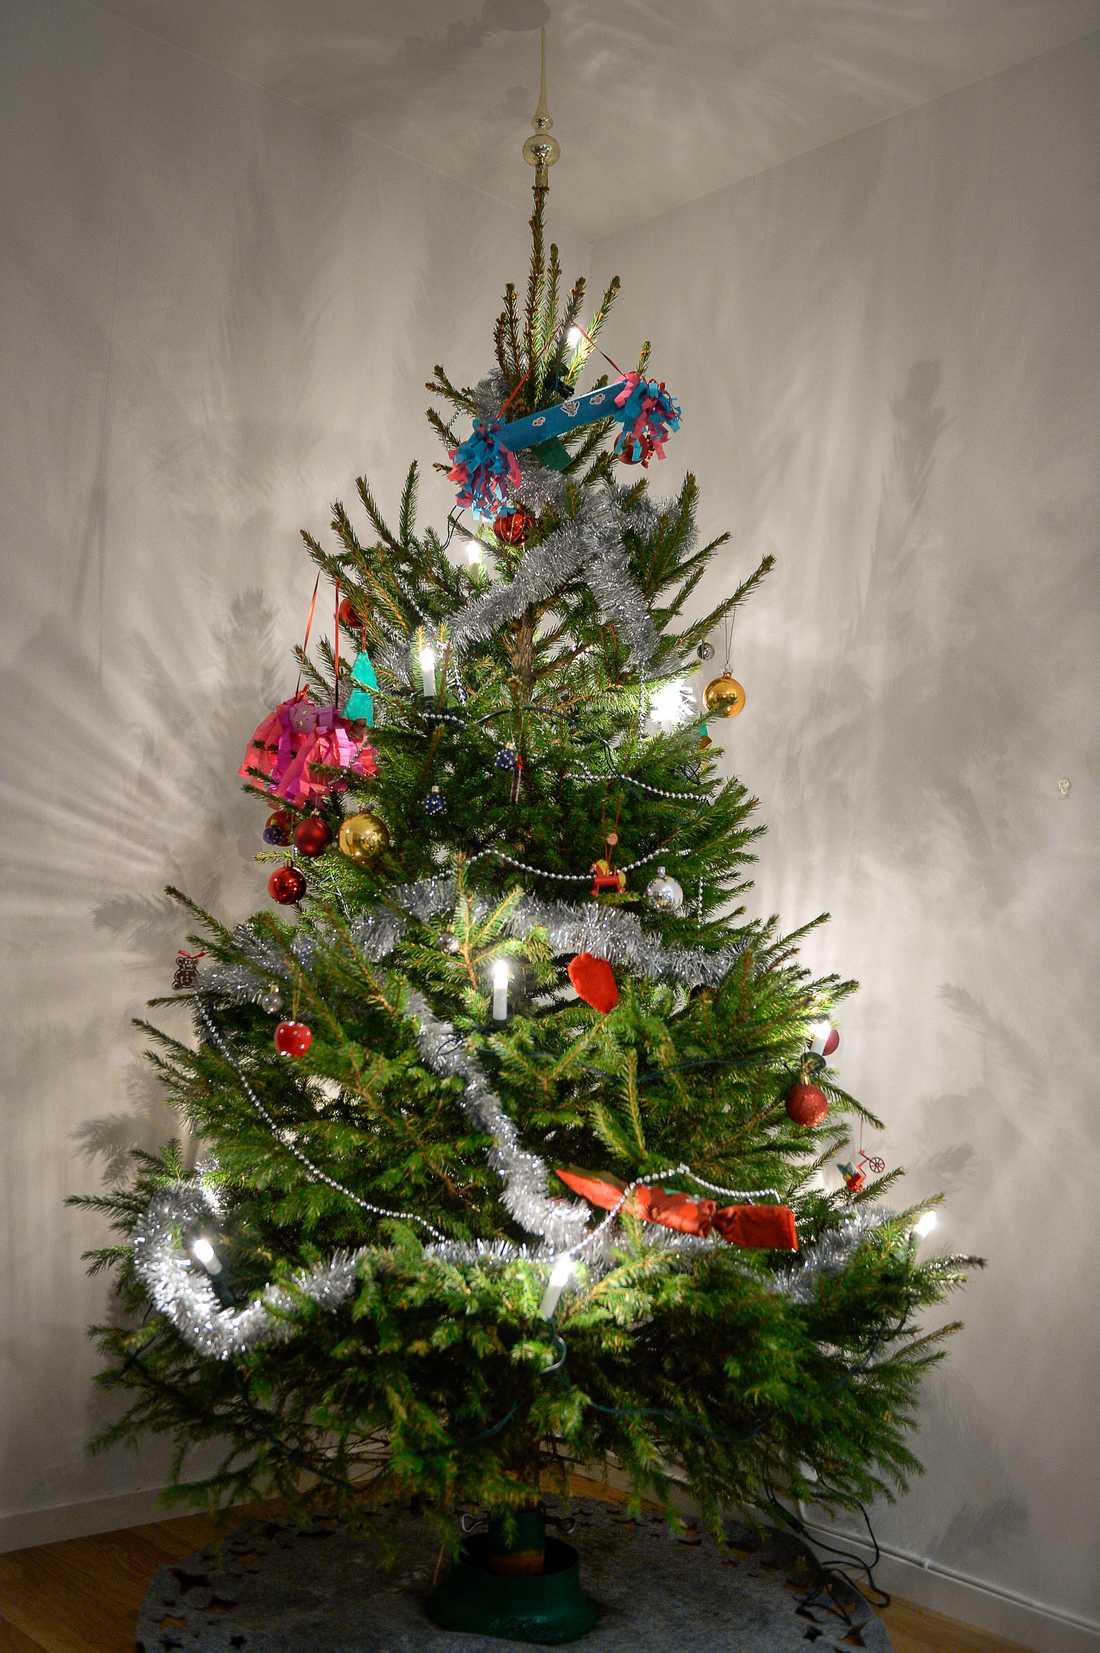 Sommarens torka har gjort årets julgranar grönare än vanligt, men julgransbrist väntar framöver.